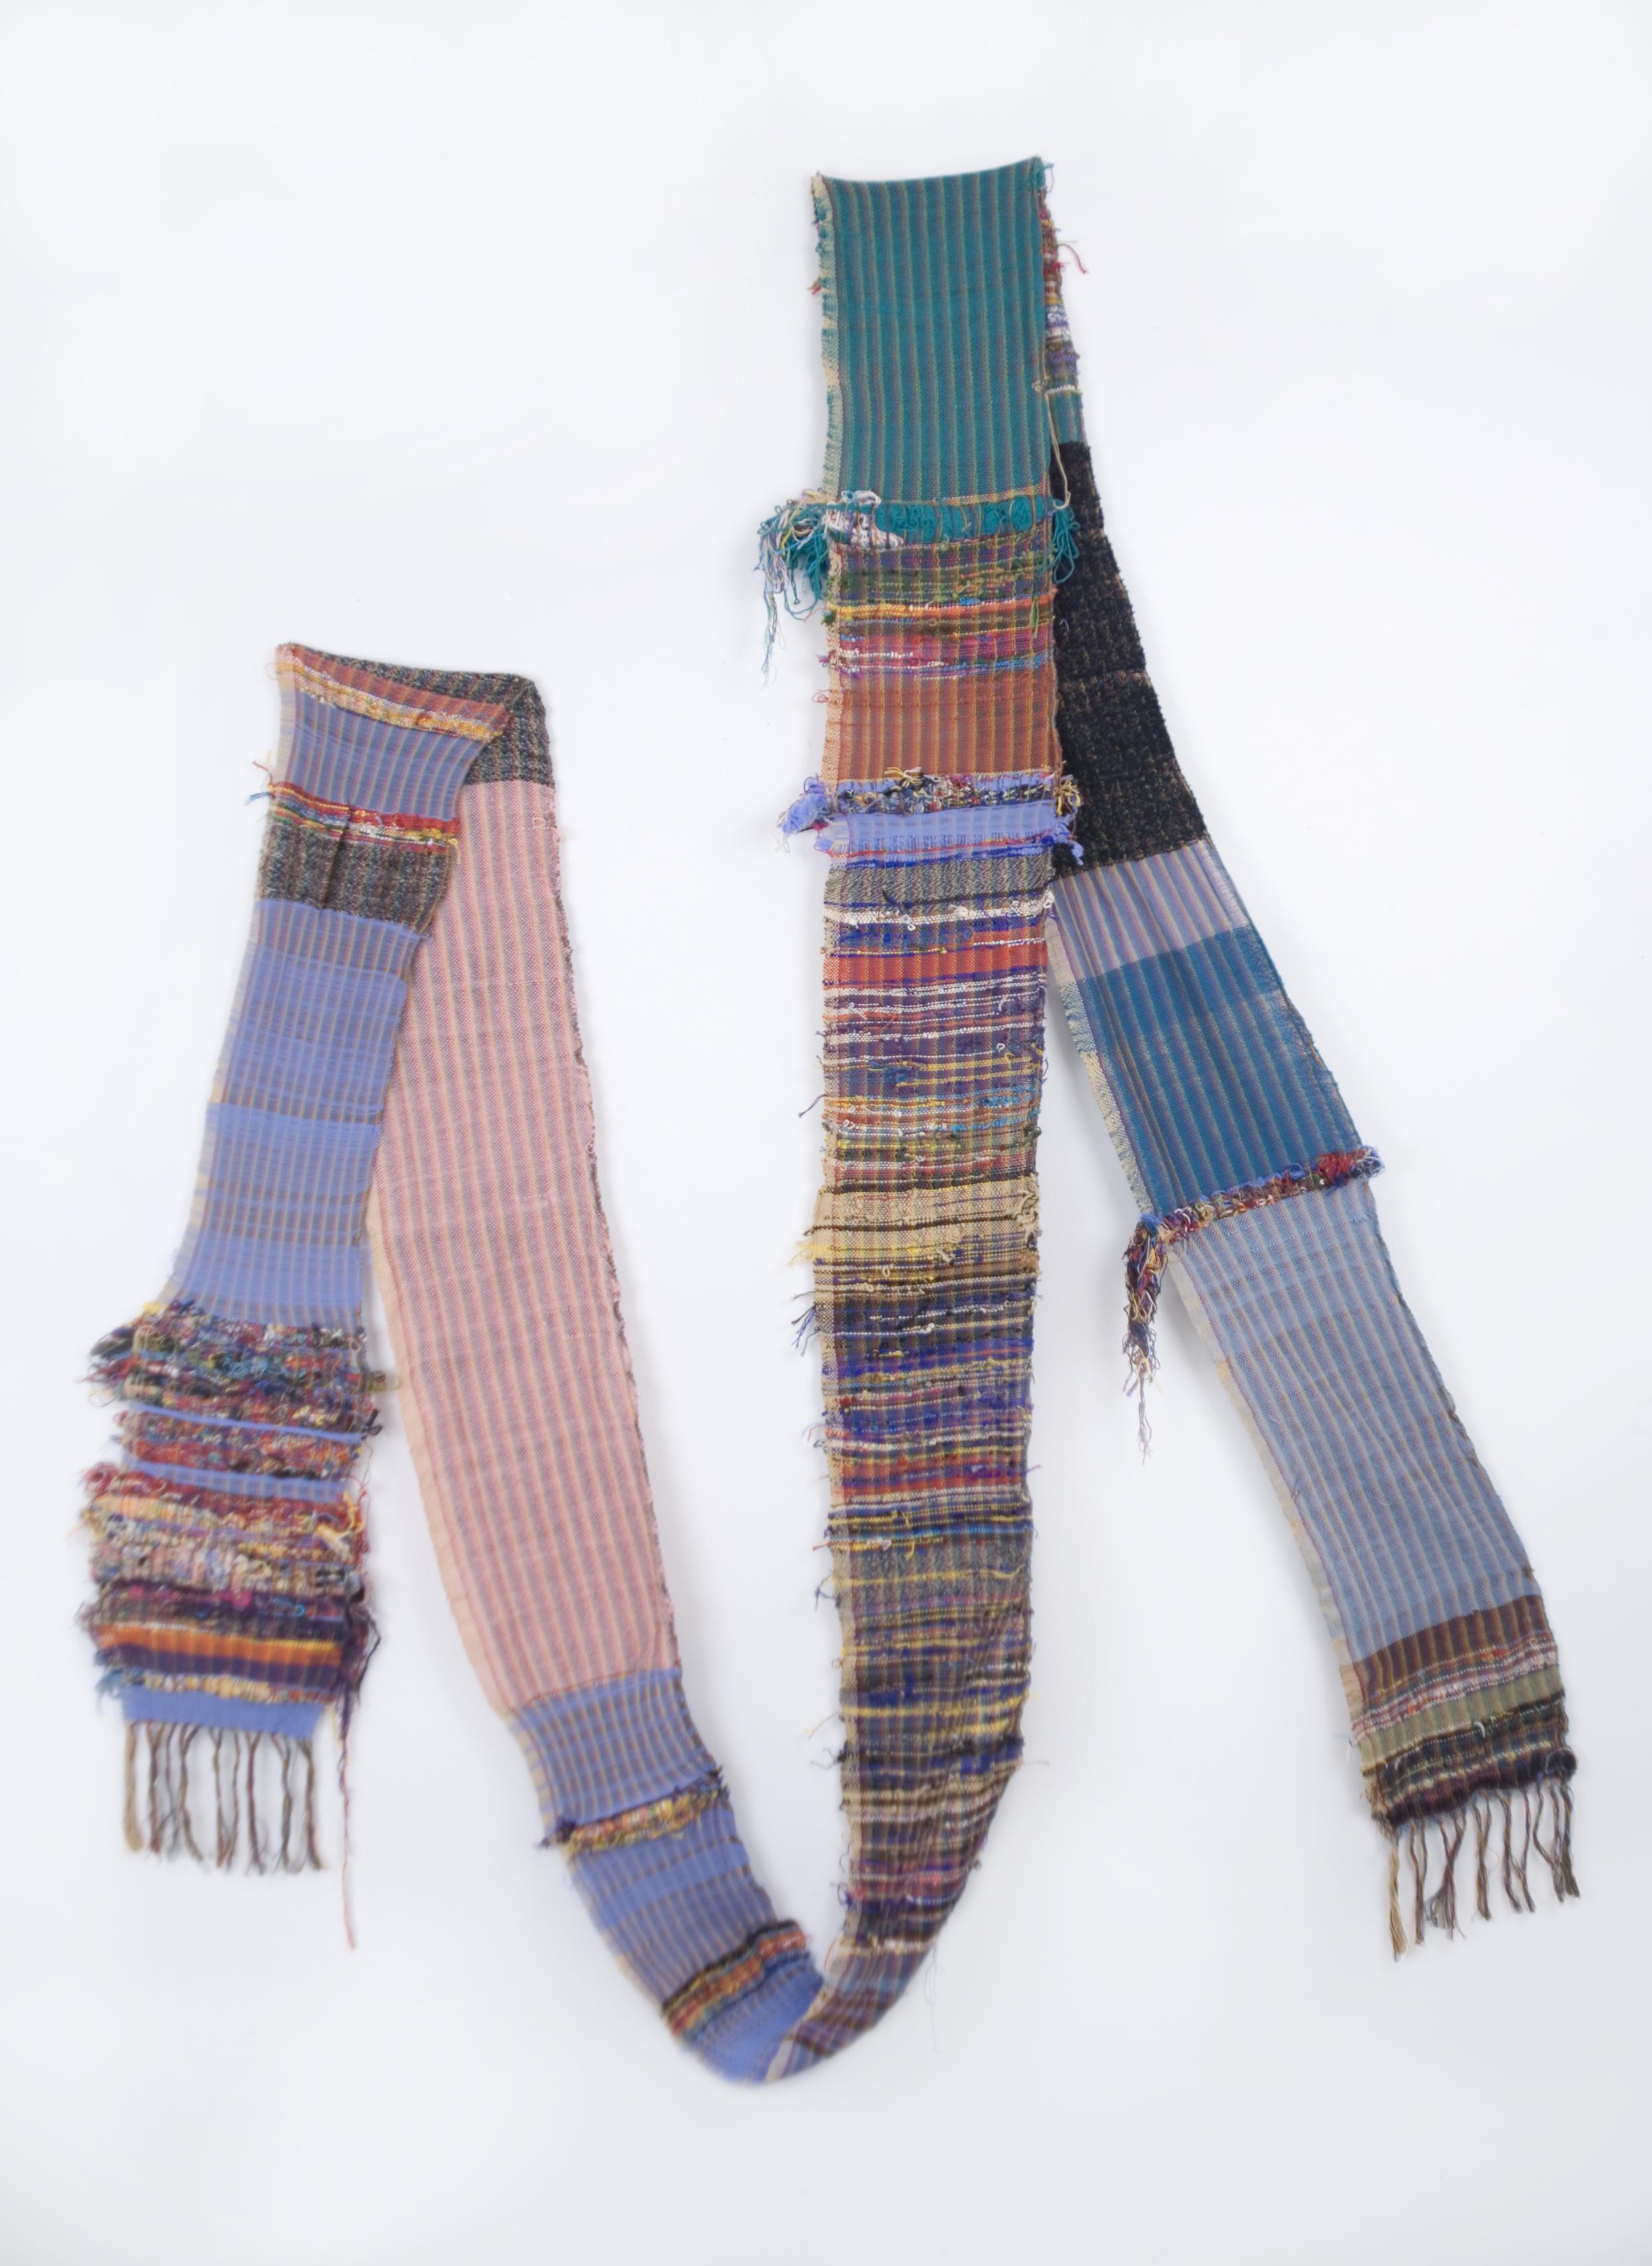 Tami Murakami    Untitled   Cotton 239.37 x 9.06 inches / 608 x 23 cm / TaM 7